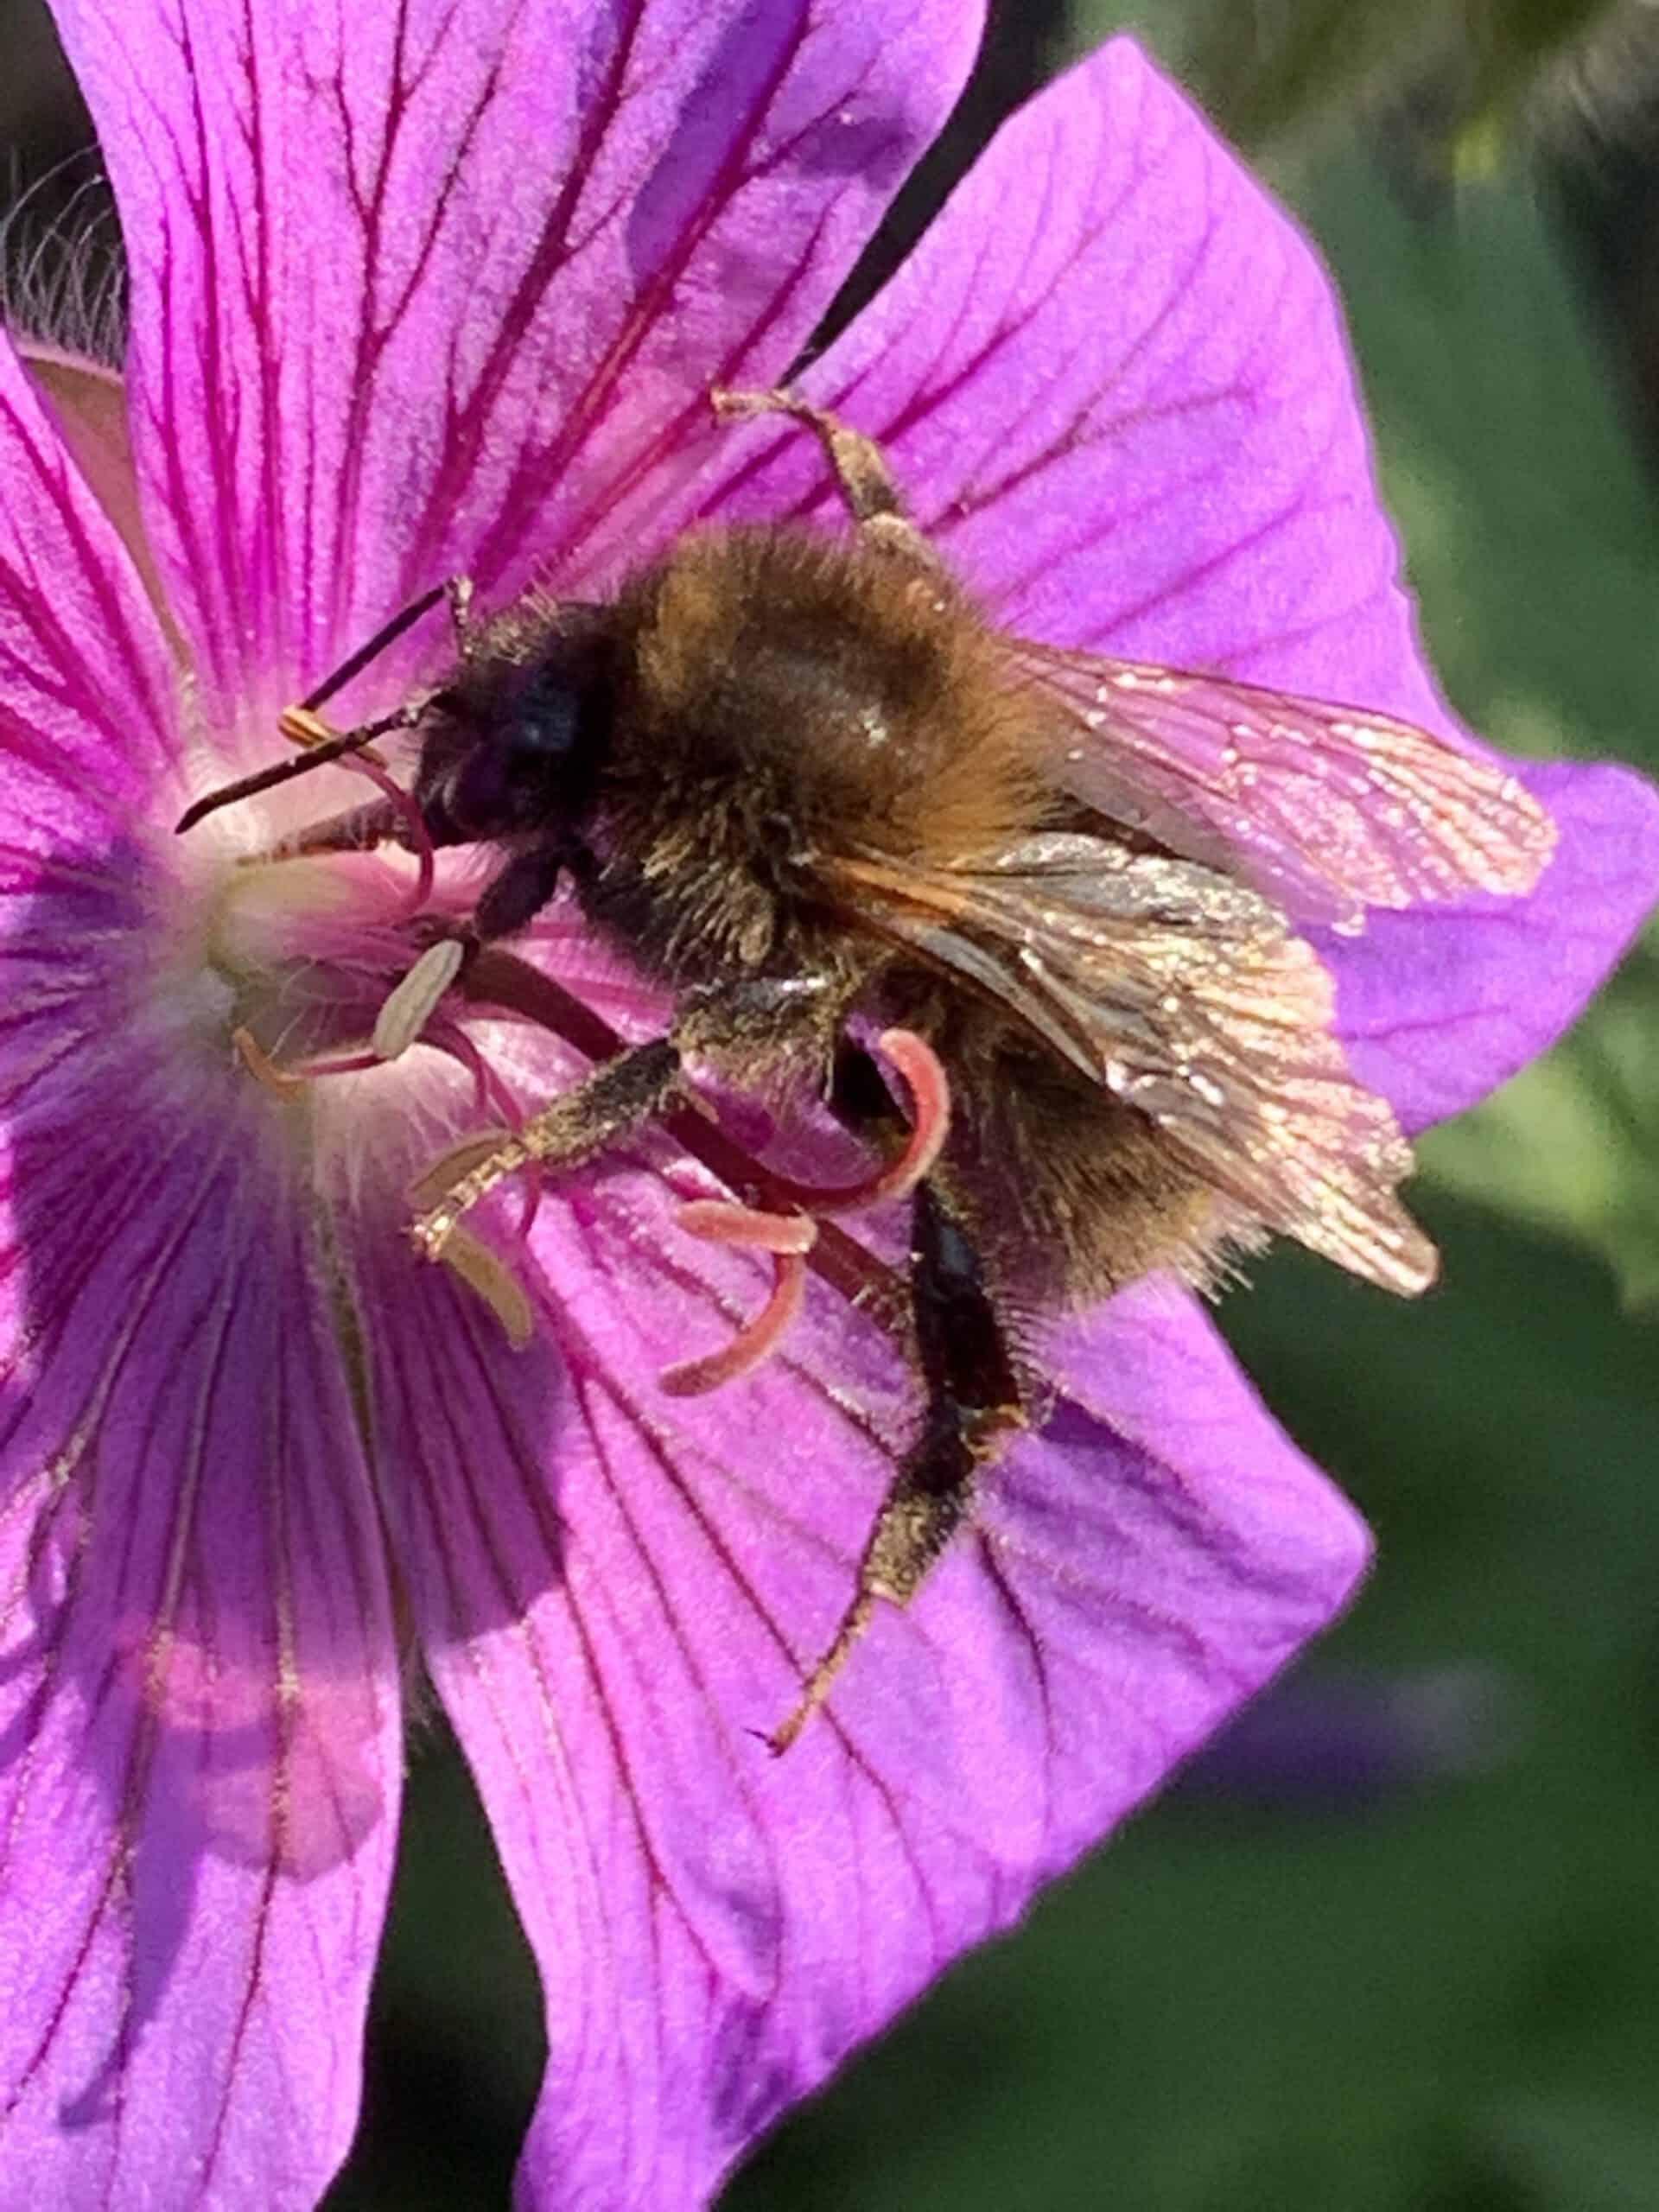 Hummel trinkt Nektar auf einer Storchenschnabel Blüte - Storchenschnabel ist eine bienenfreundliche Staude